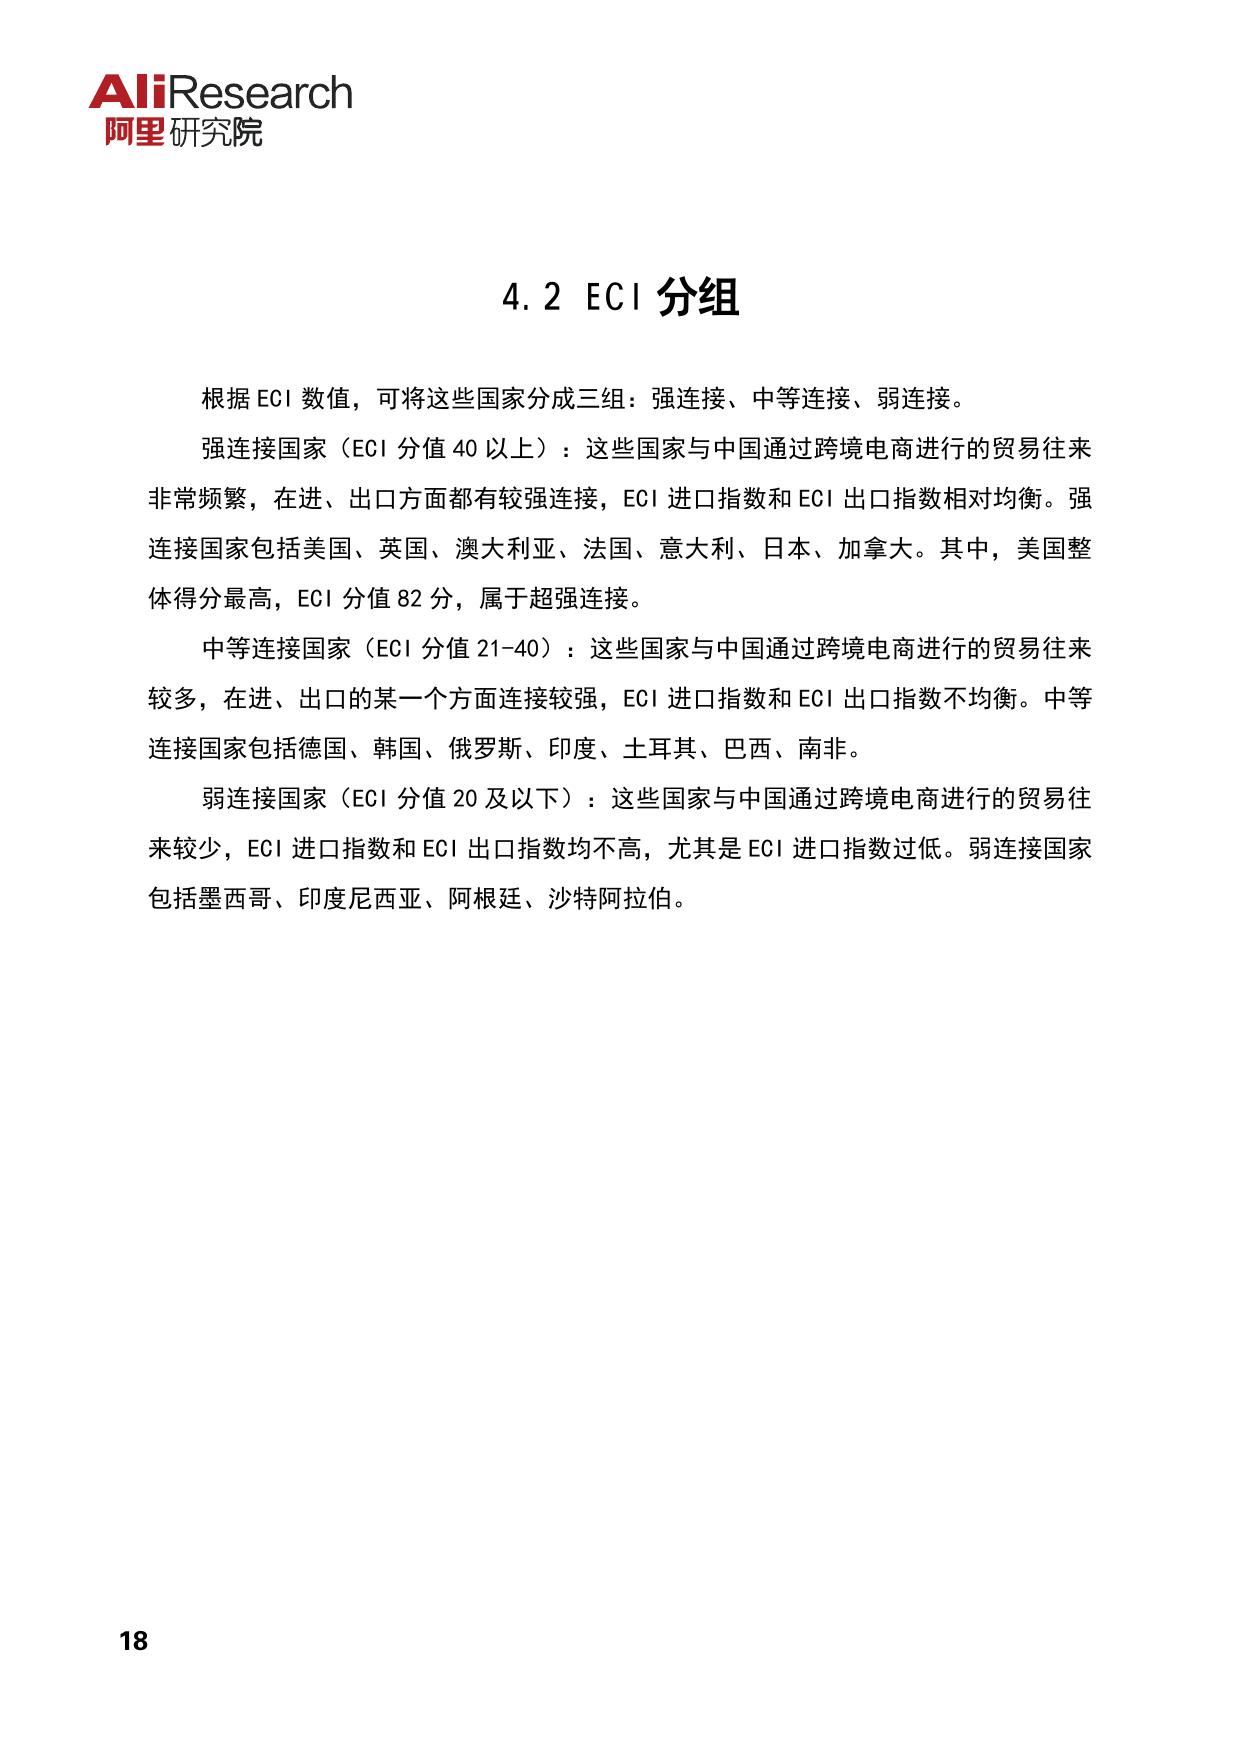 2016中国跨境电商发展报告_000022